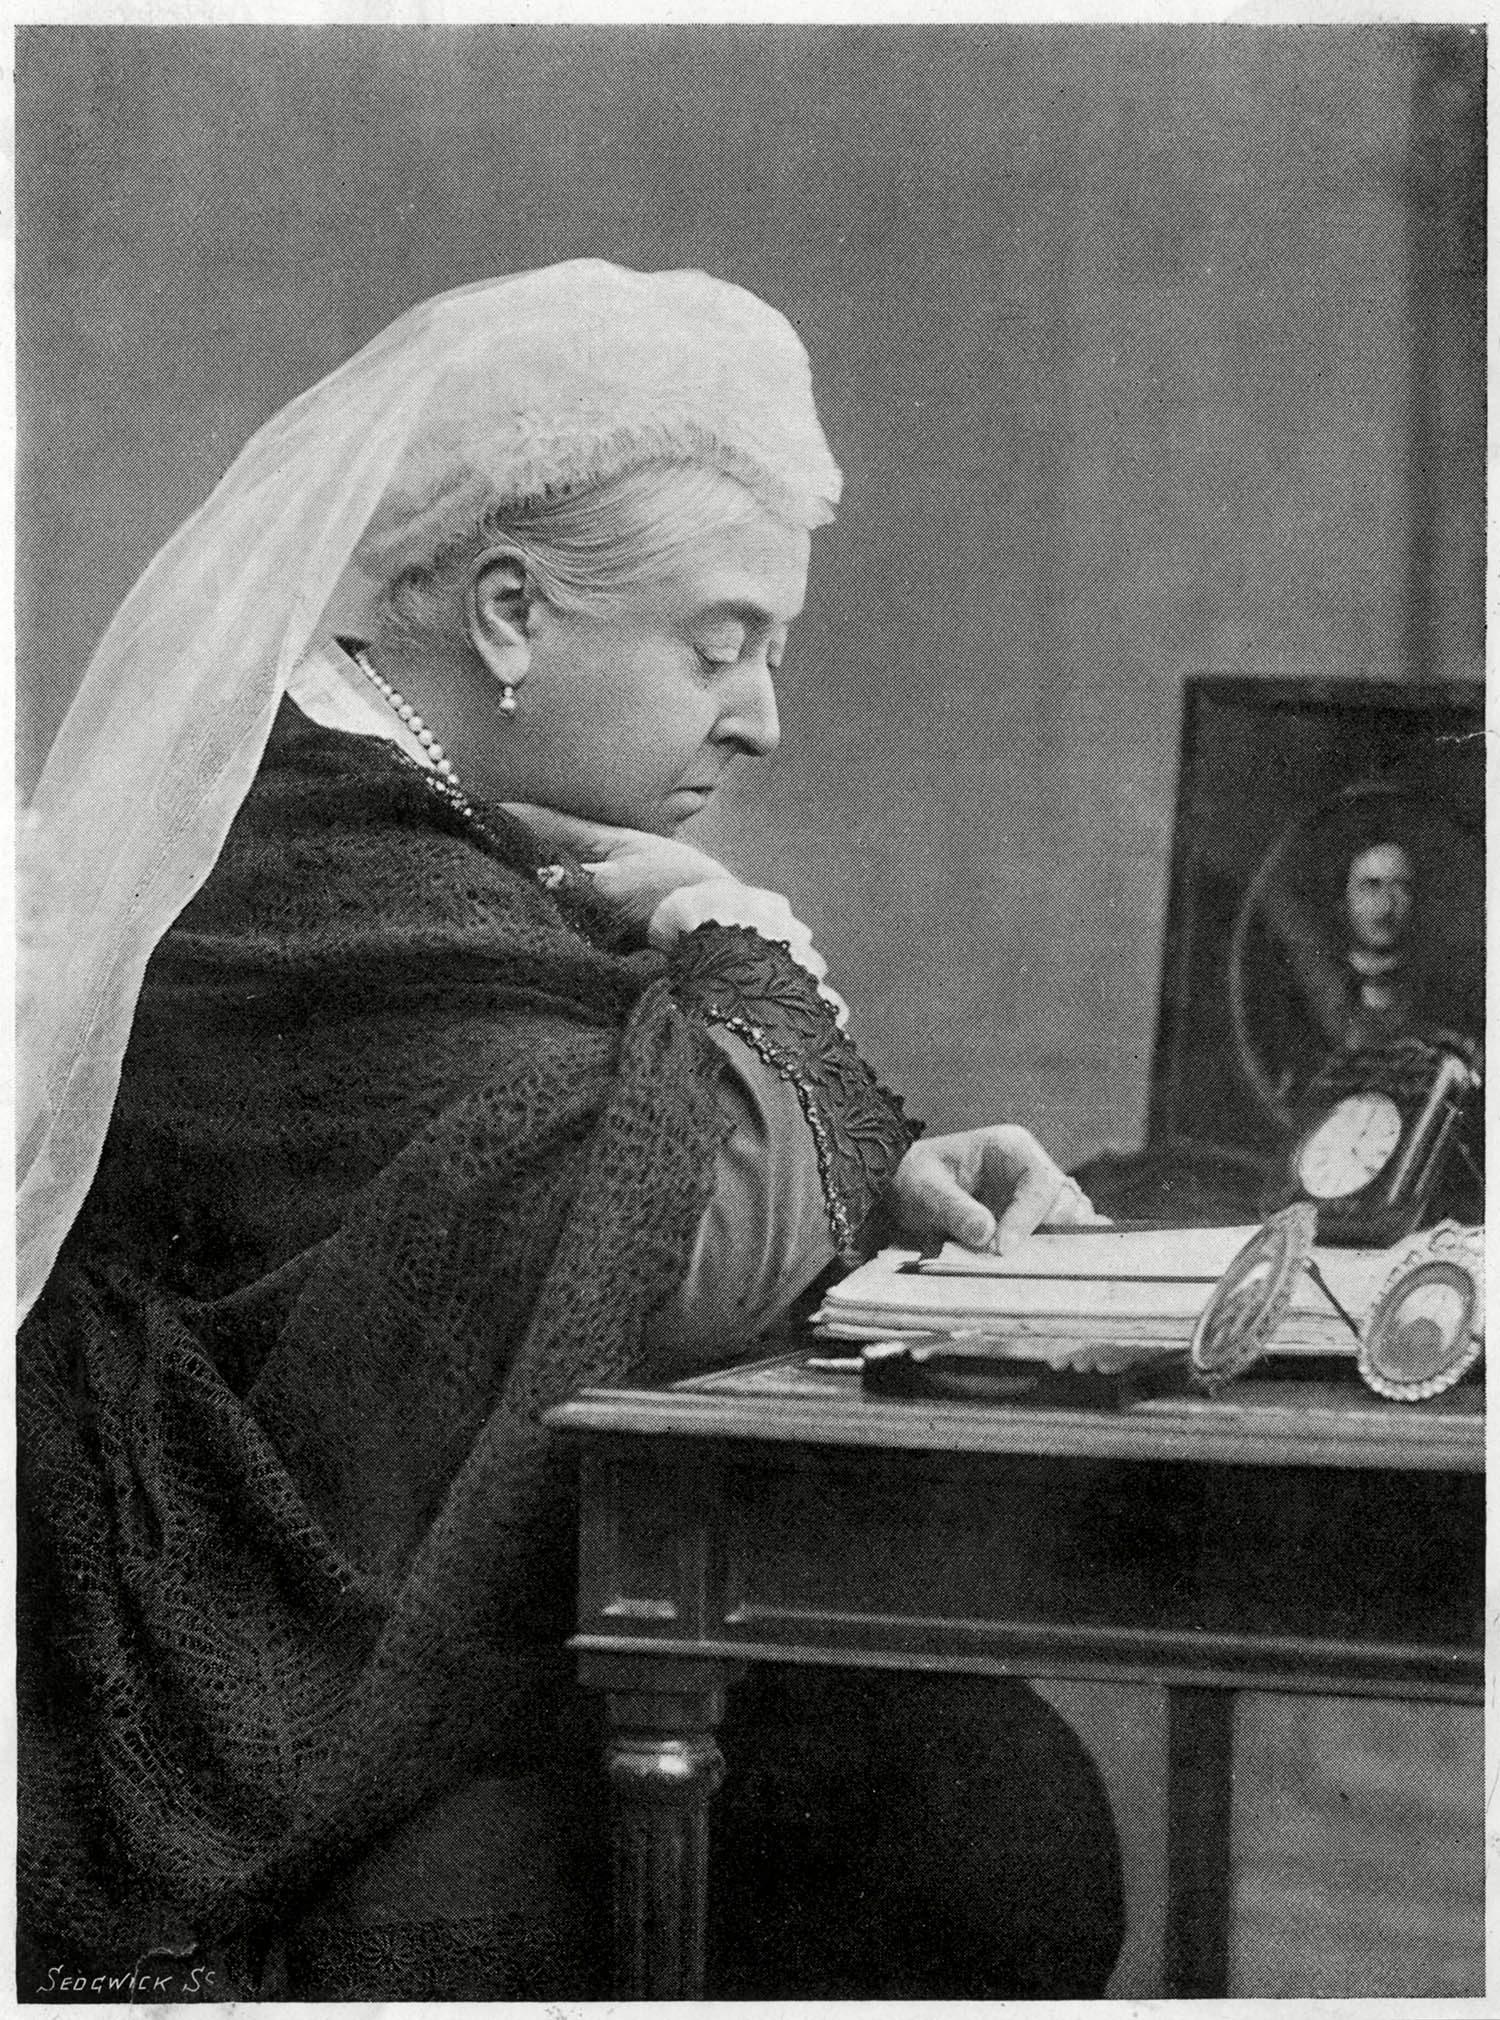 Famille royale : photo de la reine Victoria à l'apogée de son règne.